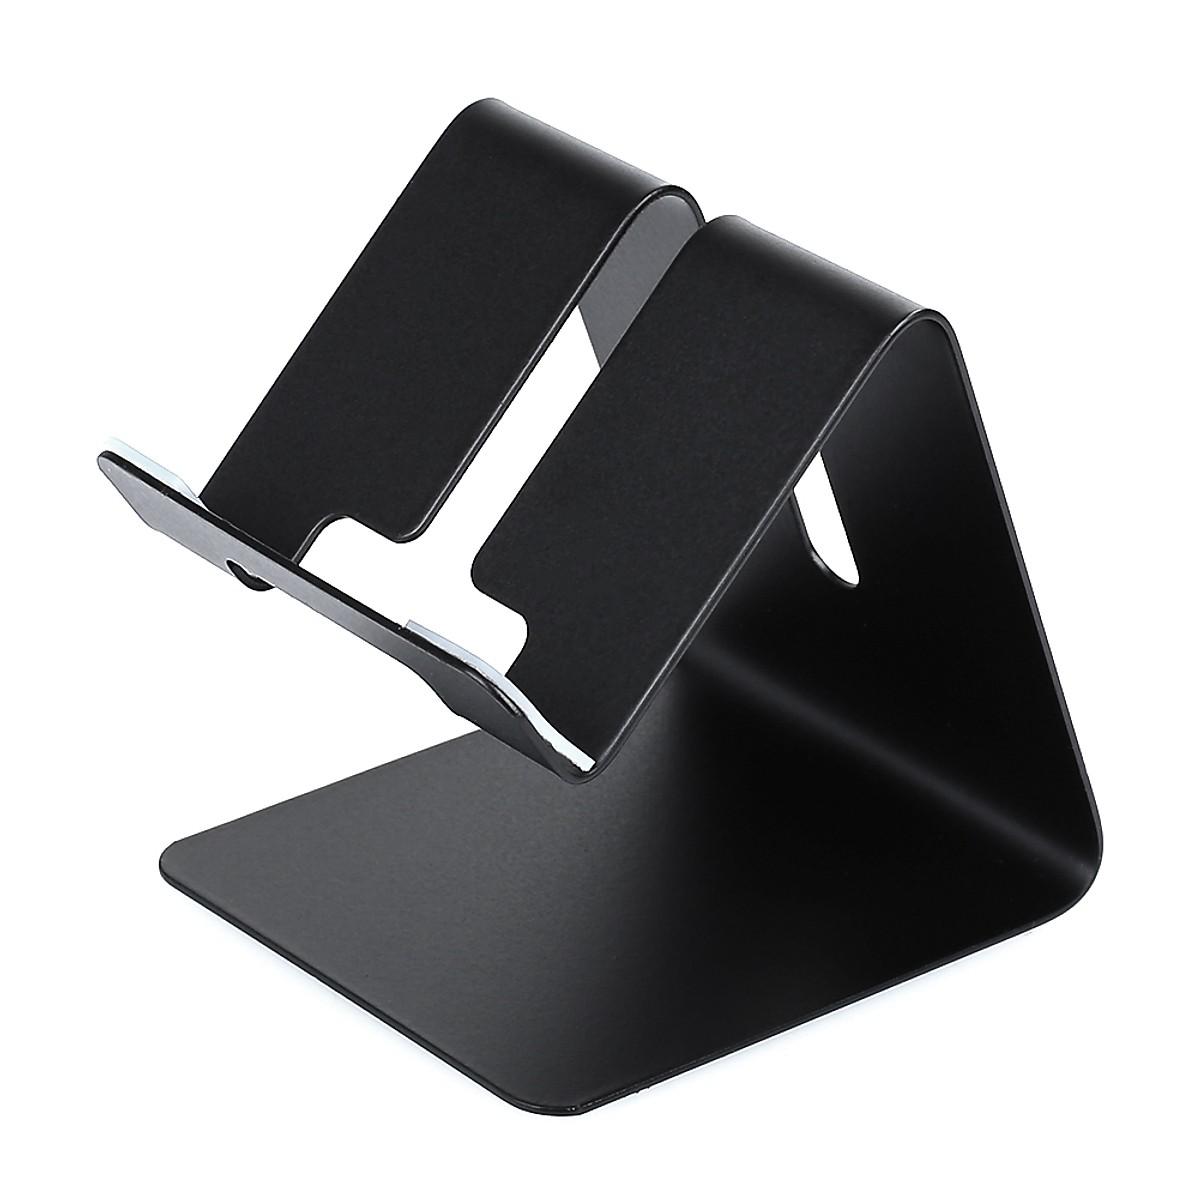 Giá đỡ điện thoại máy tính bảng  kim loại để bàn - Giao màu ngẫu nhiên